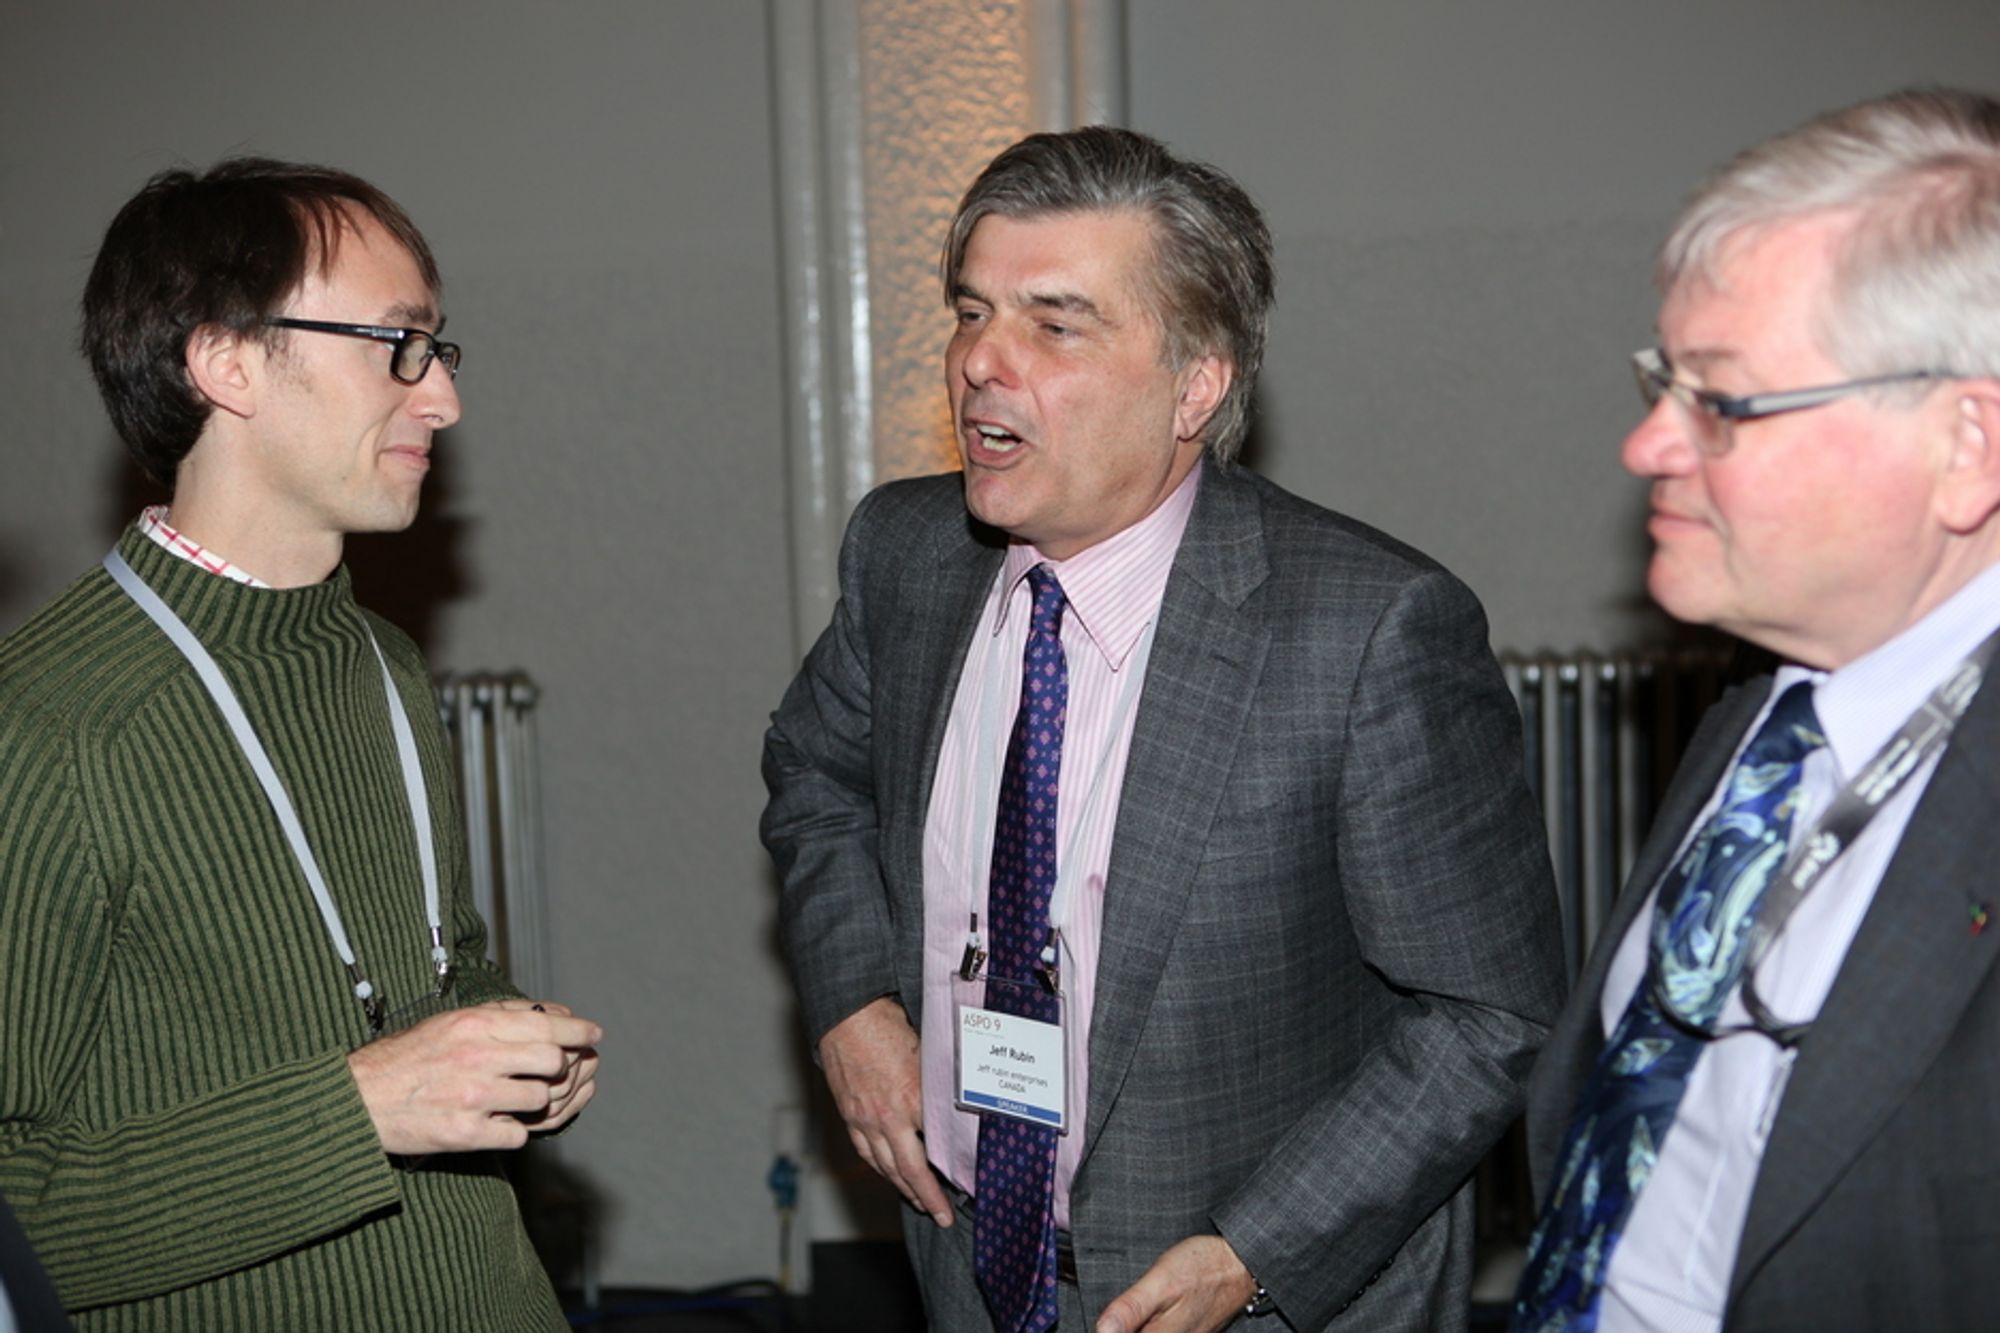 SLUTT PÅ VEKST: Jeff Rubin (i midten), her i samtale med Nature-journalist Mason Inman (t.v.) og ASPO-president Kjell Aleklett. Rubin mener den globale veksten ikke kan fortsette med en oljepris på over 100 dollar fatet. Han mener vi står overfor en stor, ny oljekrise i løpet av ett år.